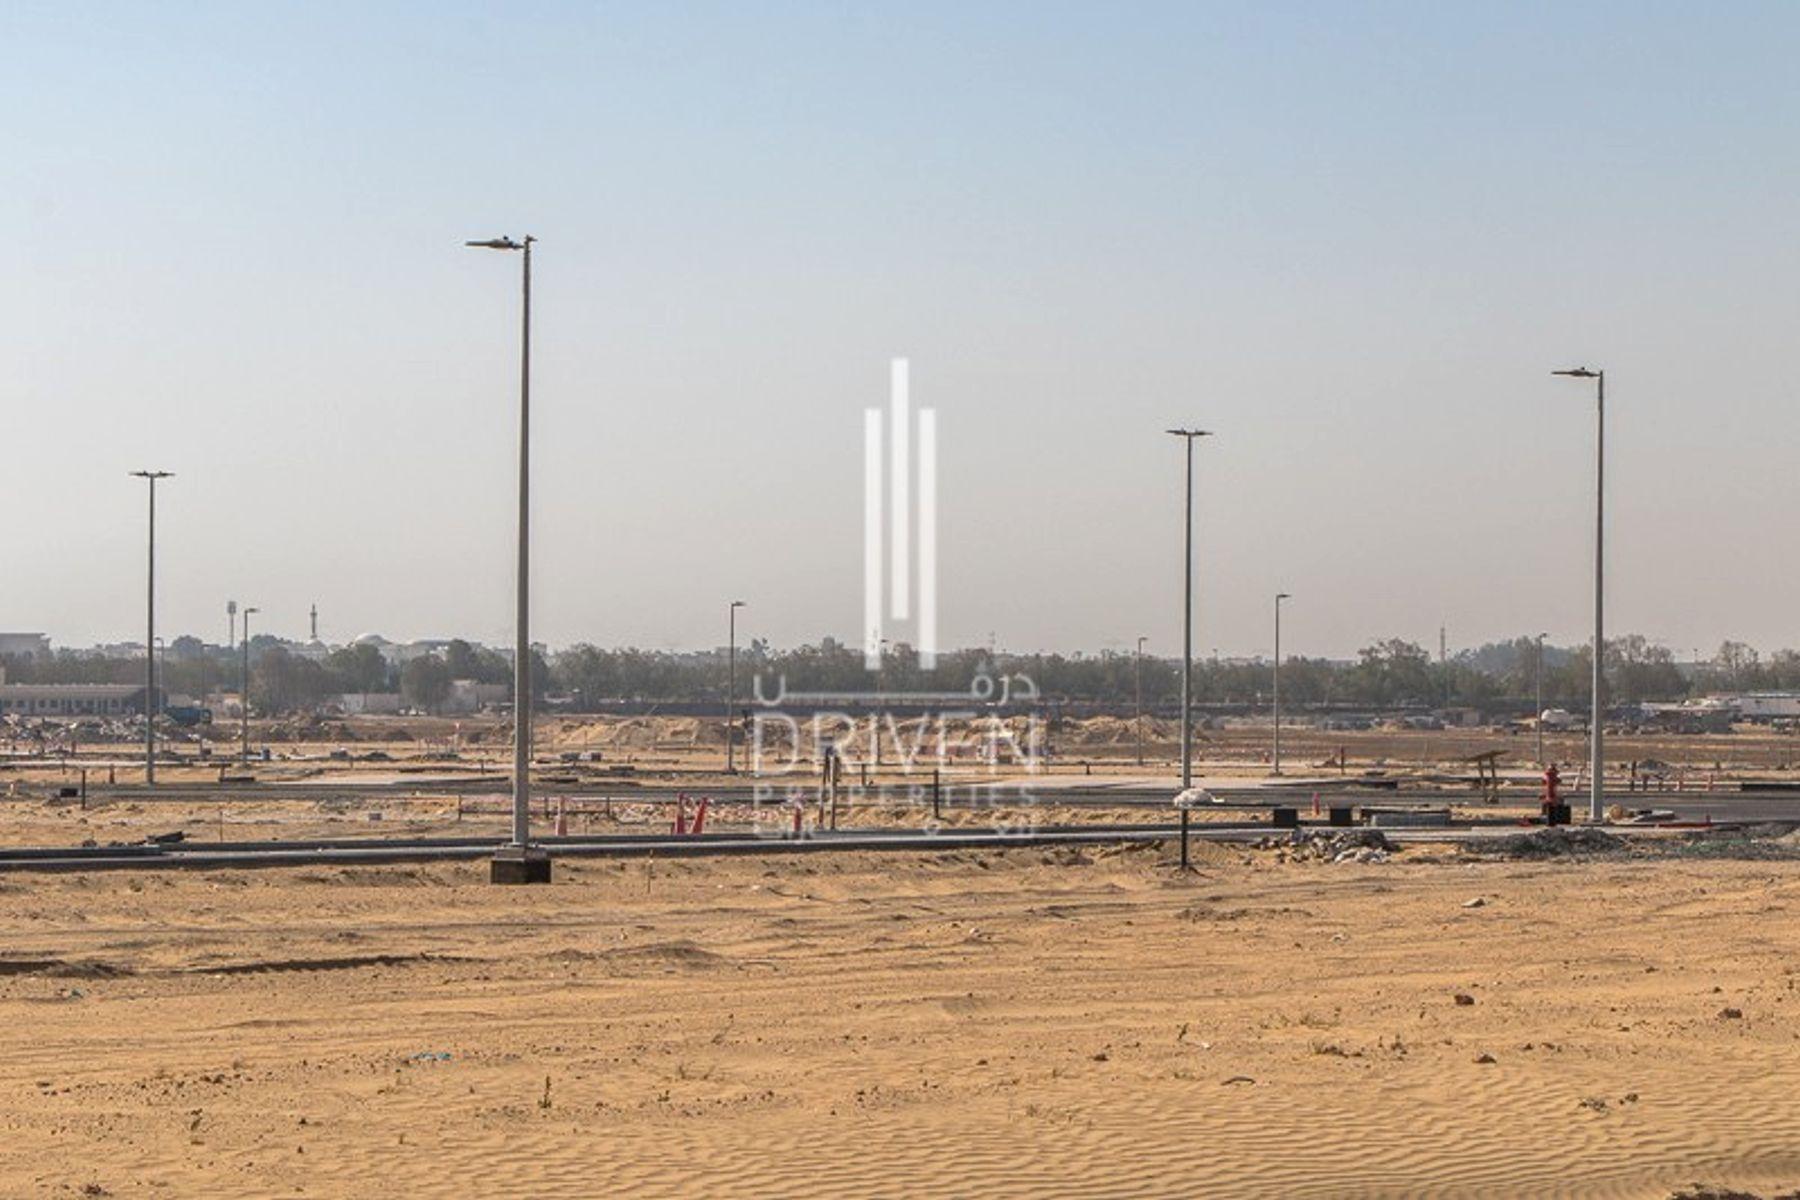 Land Residential for Sale in Al Khawaneej 2, Al Khawaneej